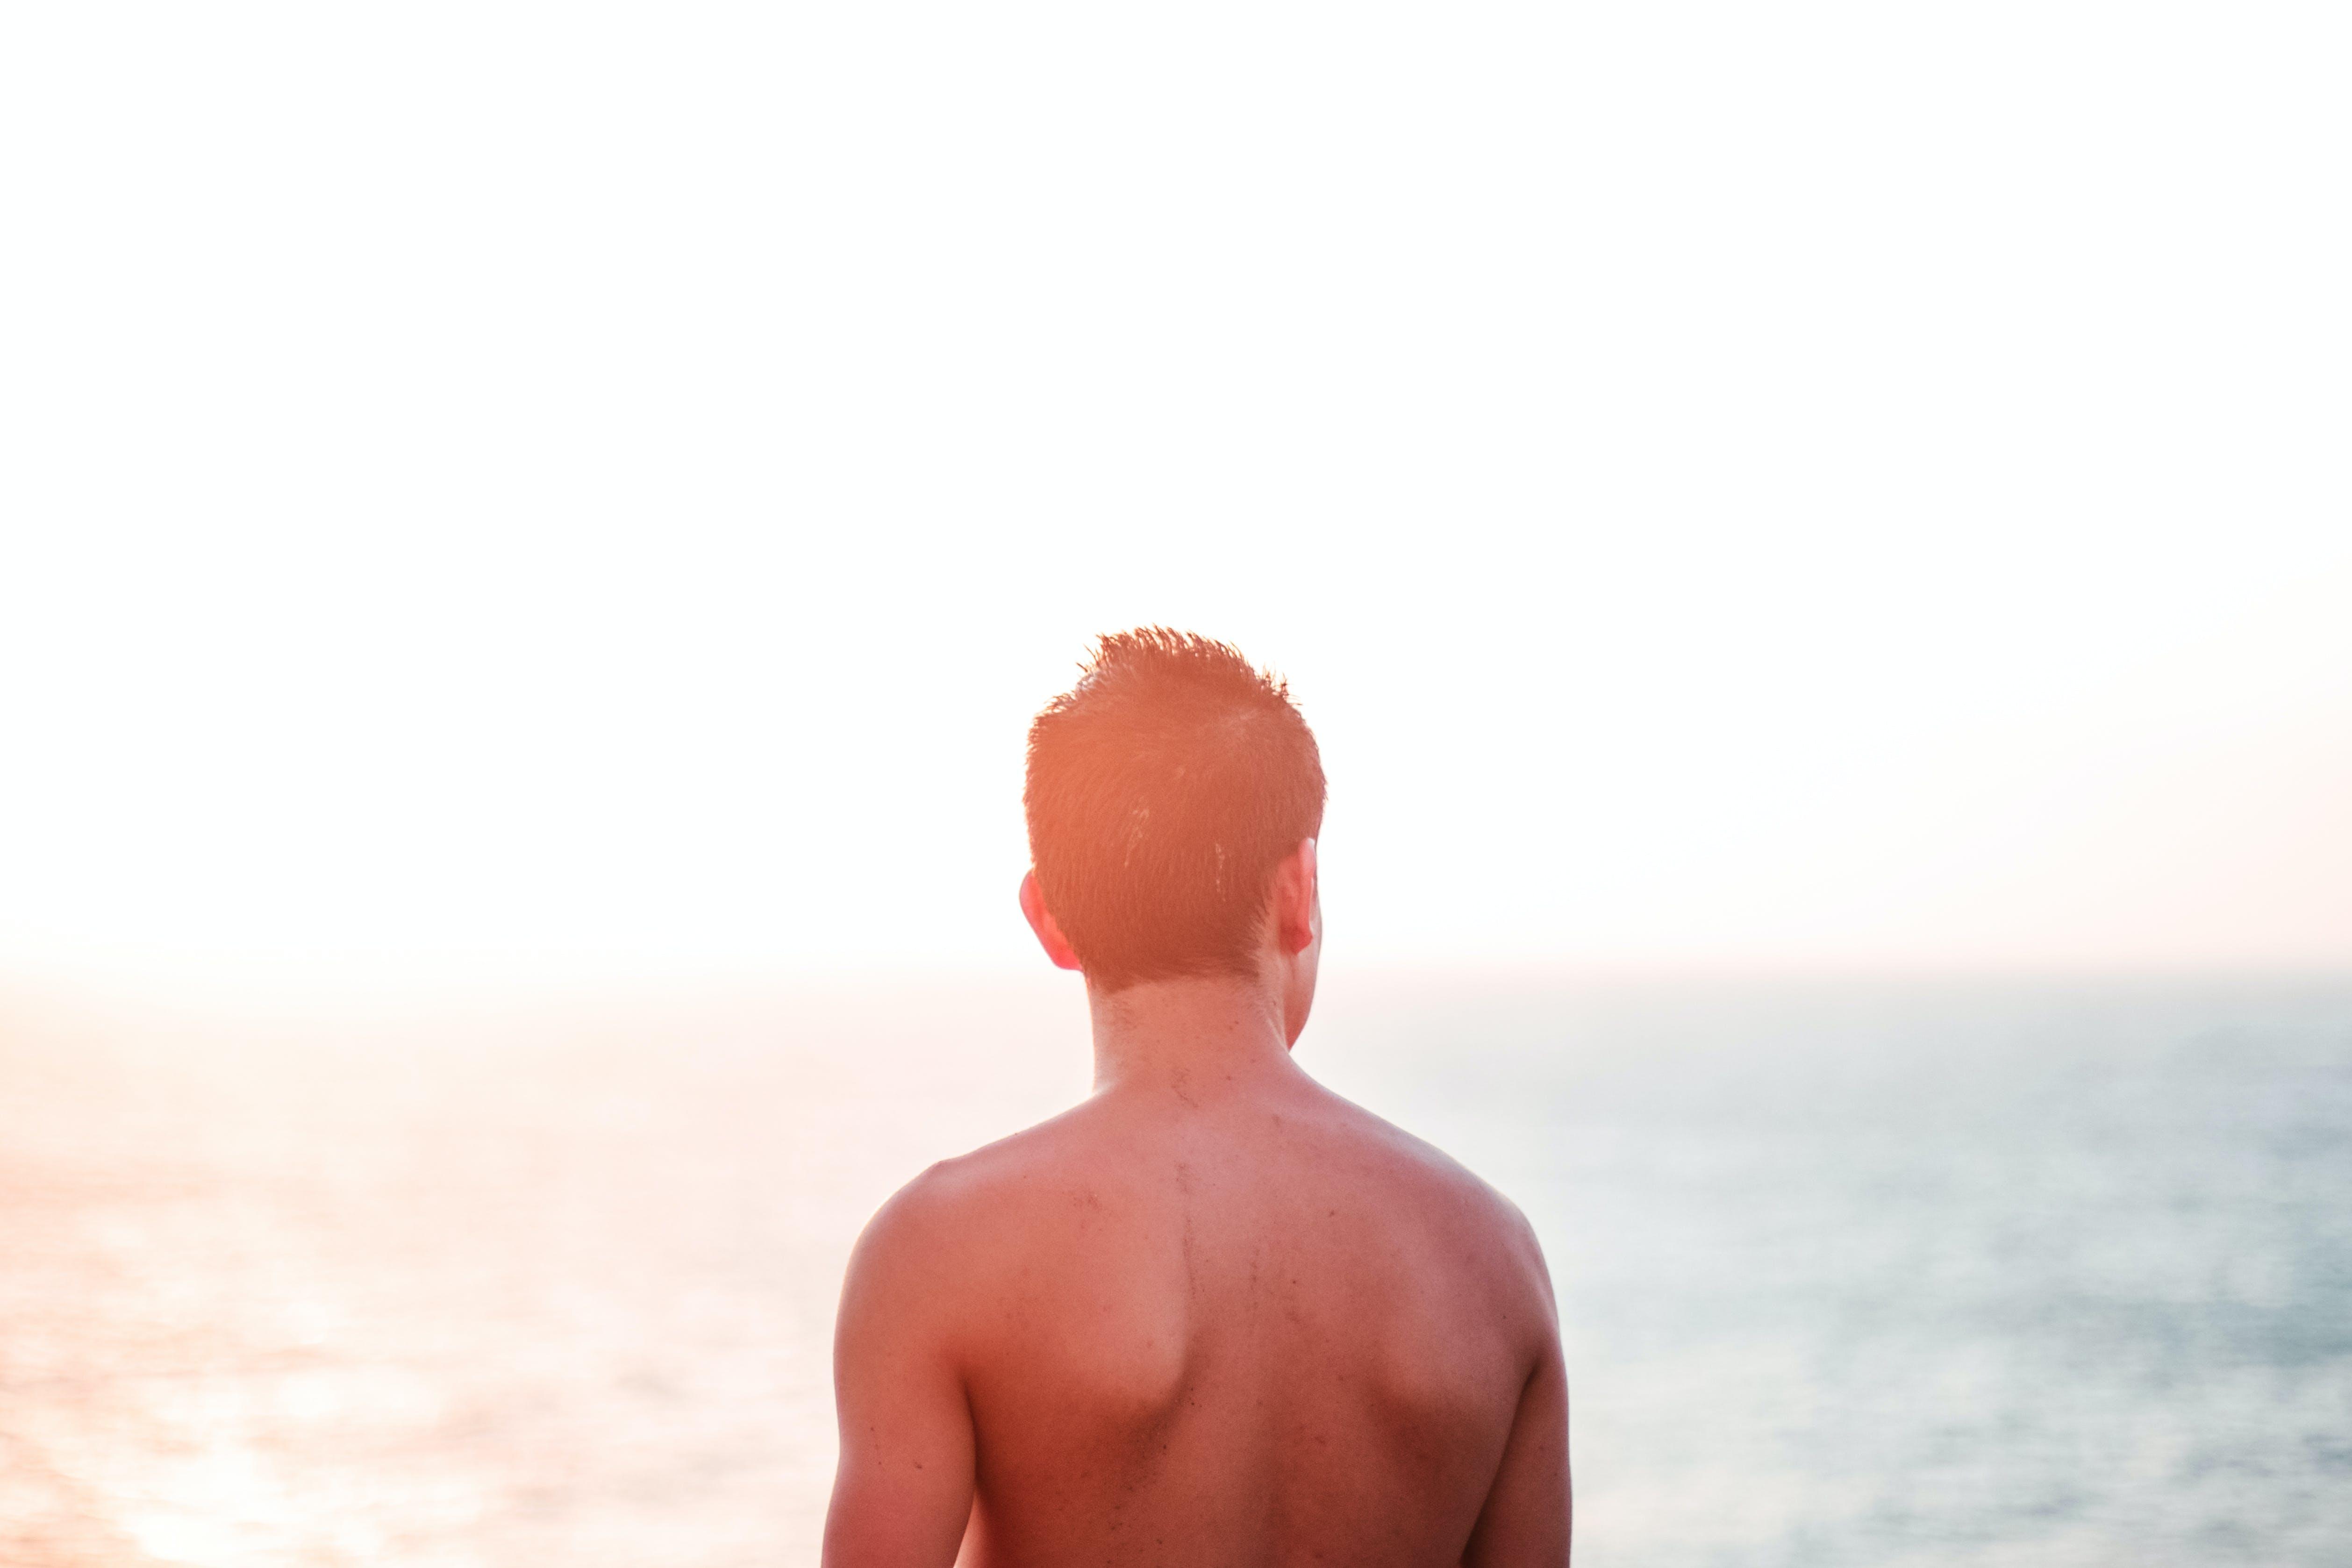 Topless Man Standing At Seashore